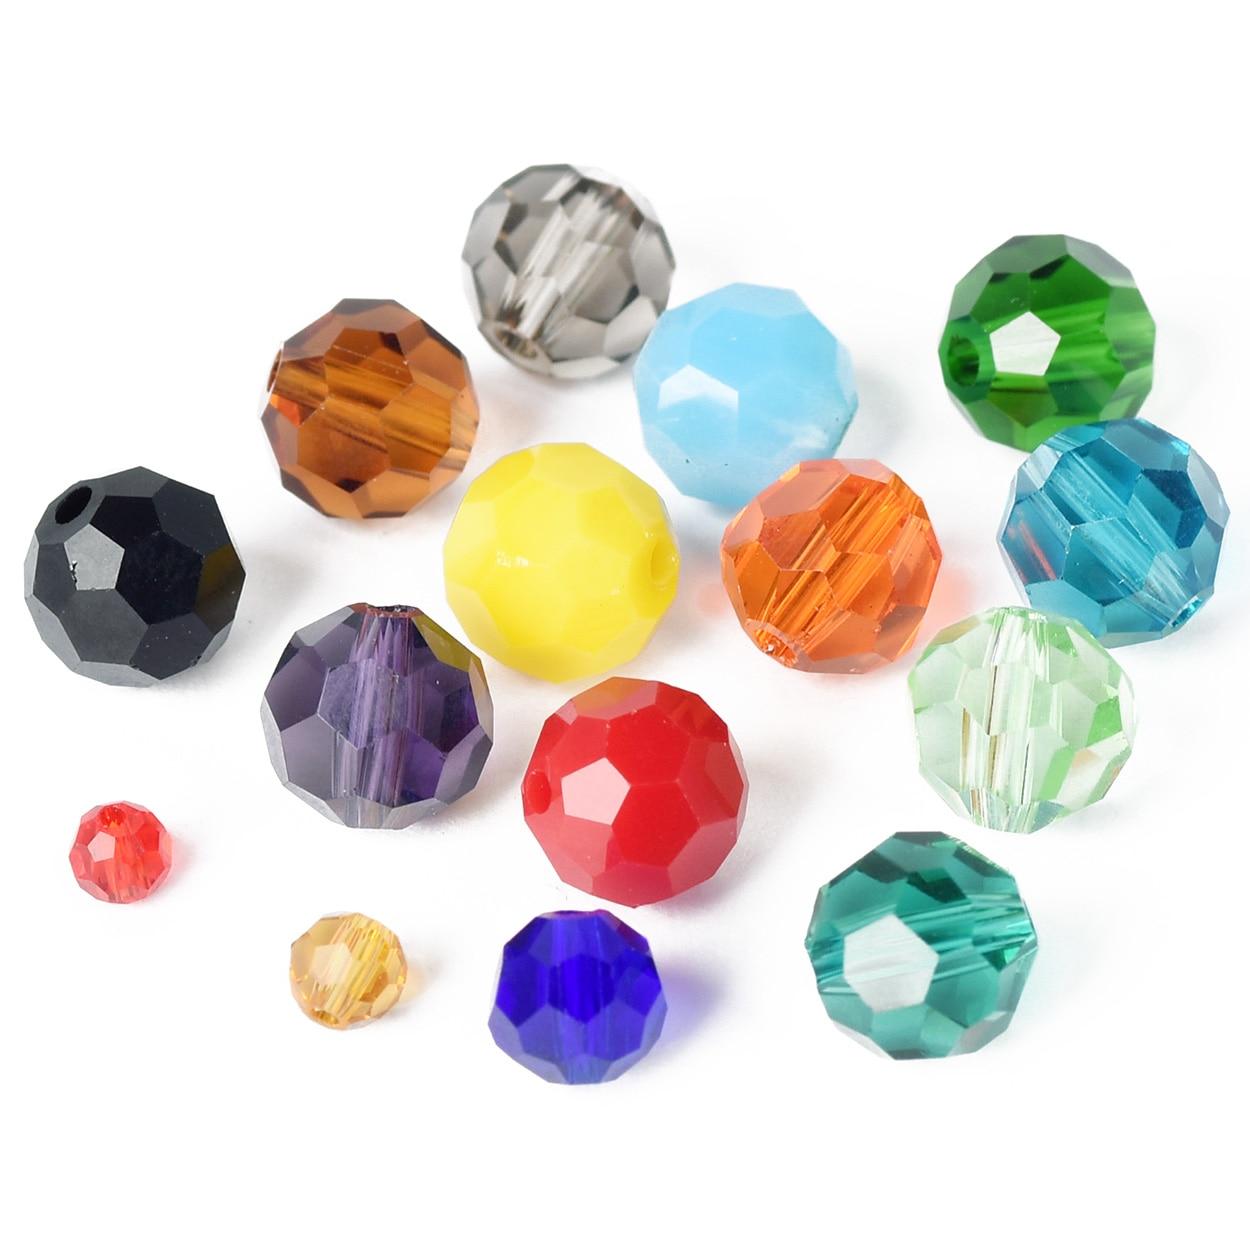 Круглые 32 граненые круглые бусины 3 мм 4 мм 6 мм 8 мм граненые стеклянные бусины для самостоятельного изготовления ювелирных изделий